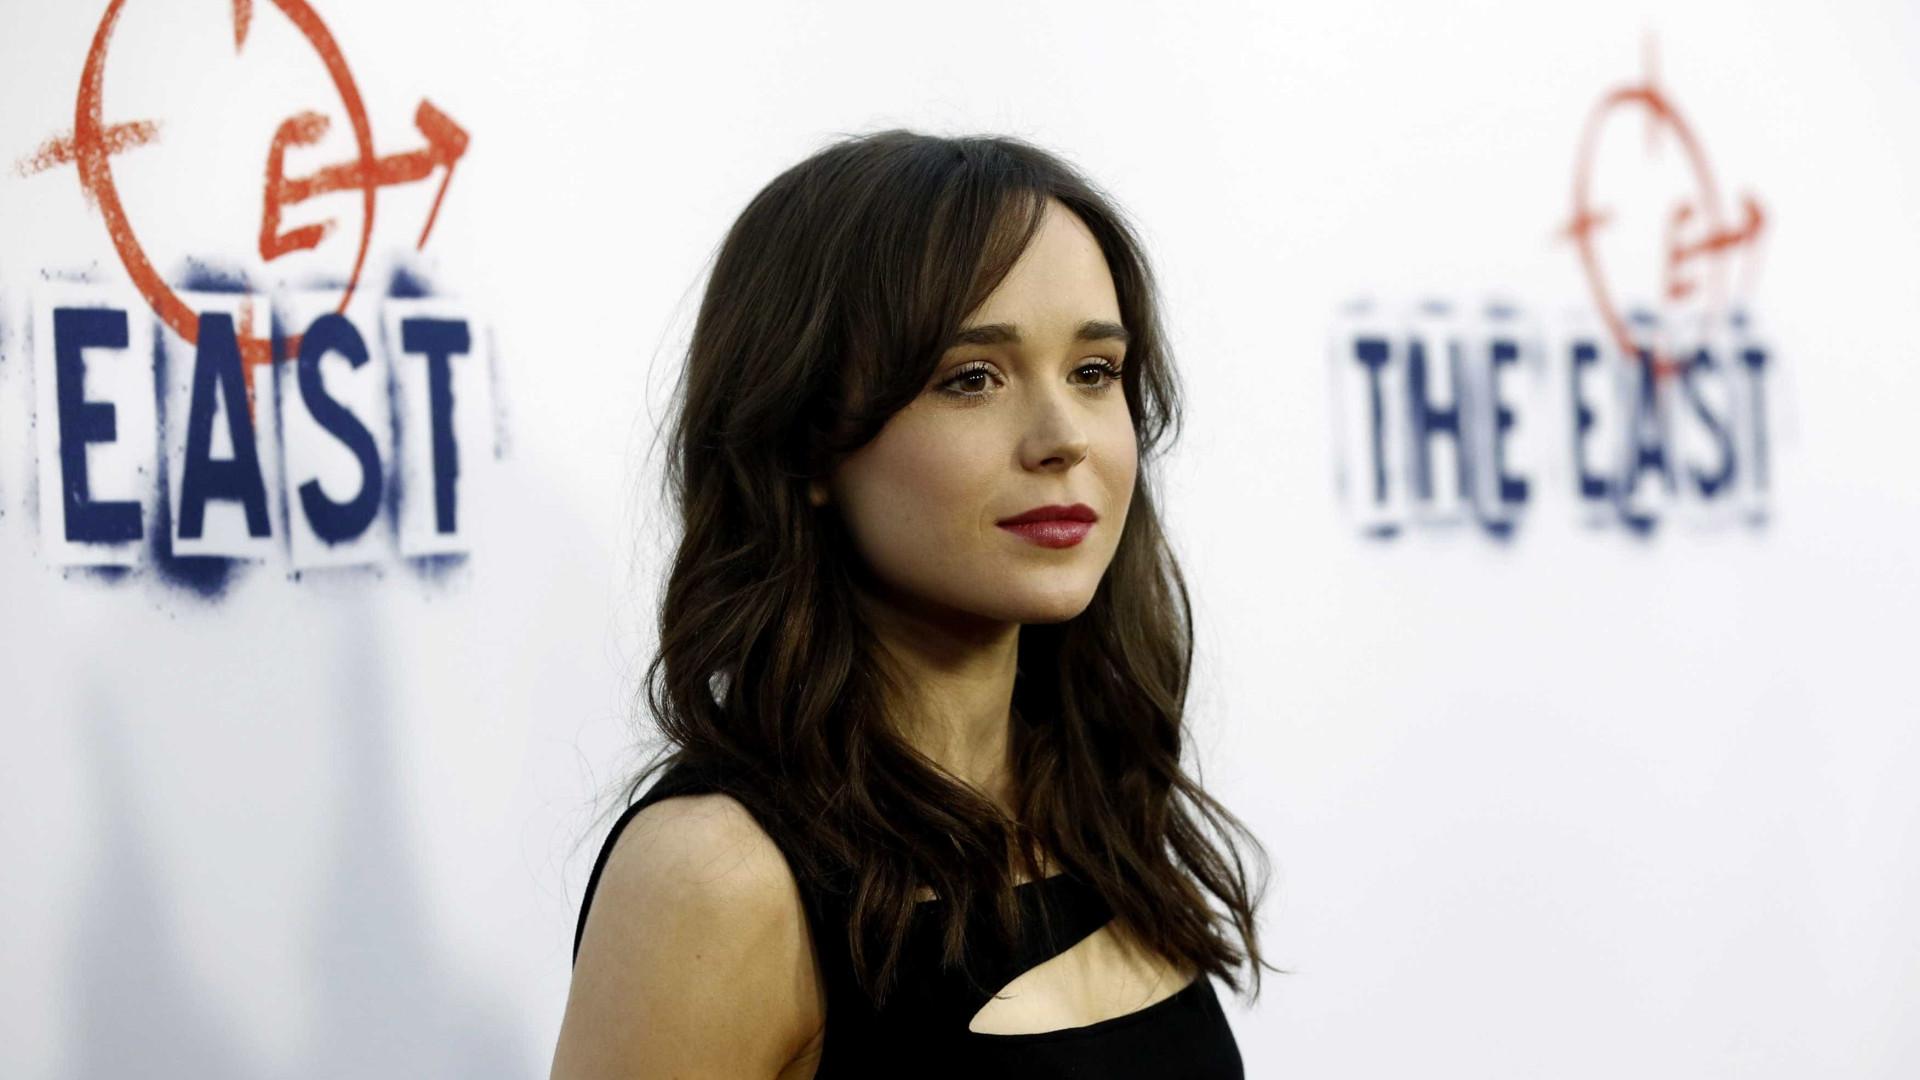 Ellen Page recebe ameaças de morte nas redes sociais